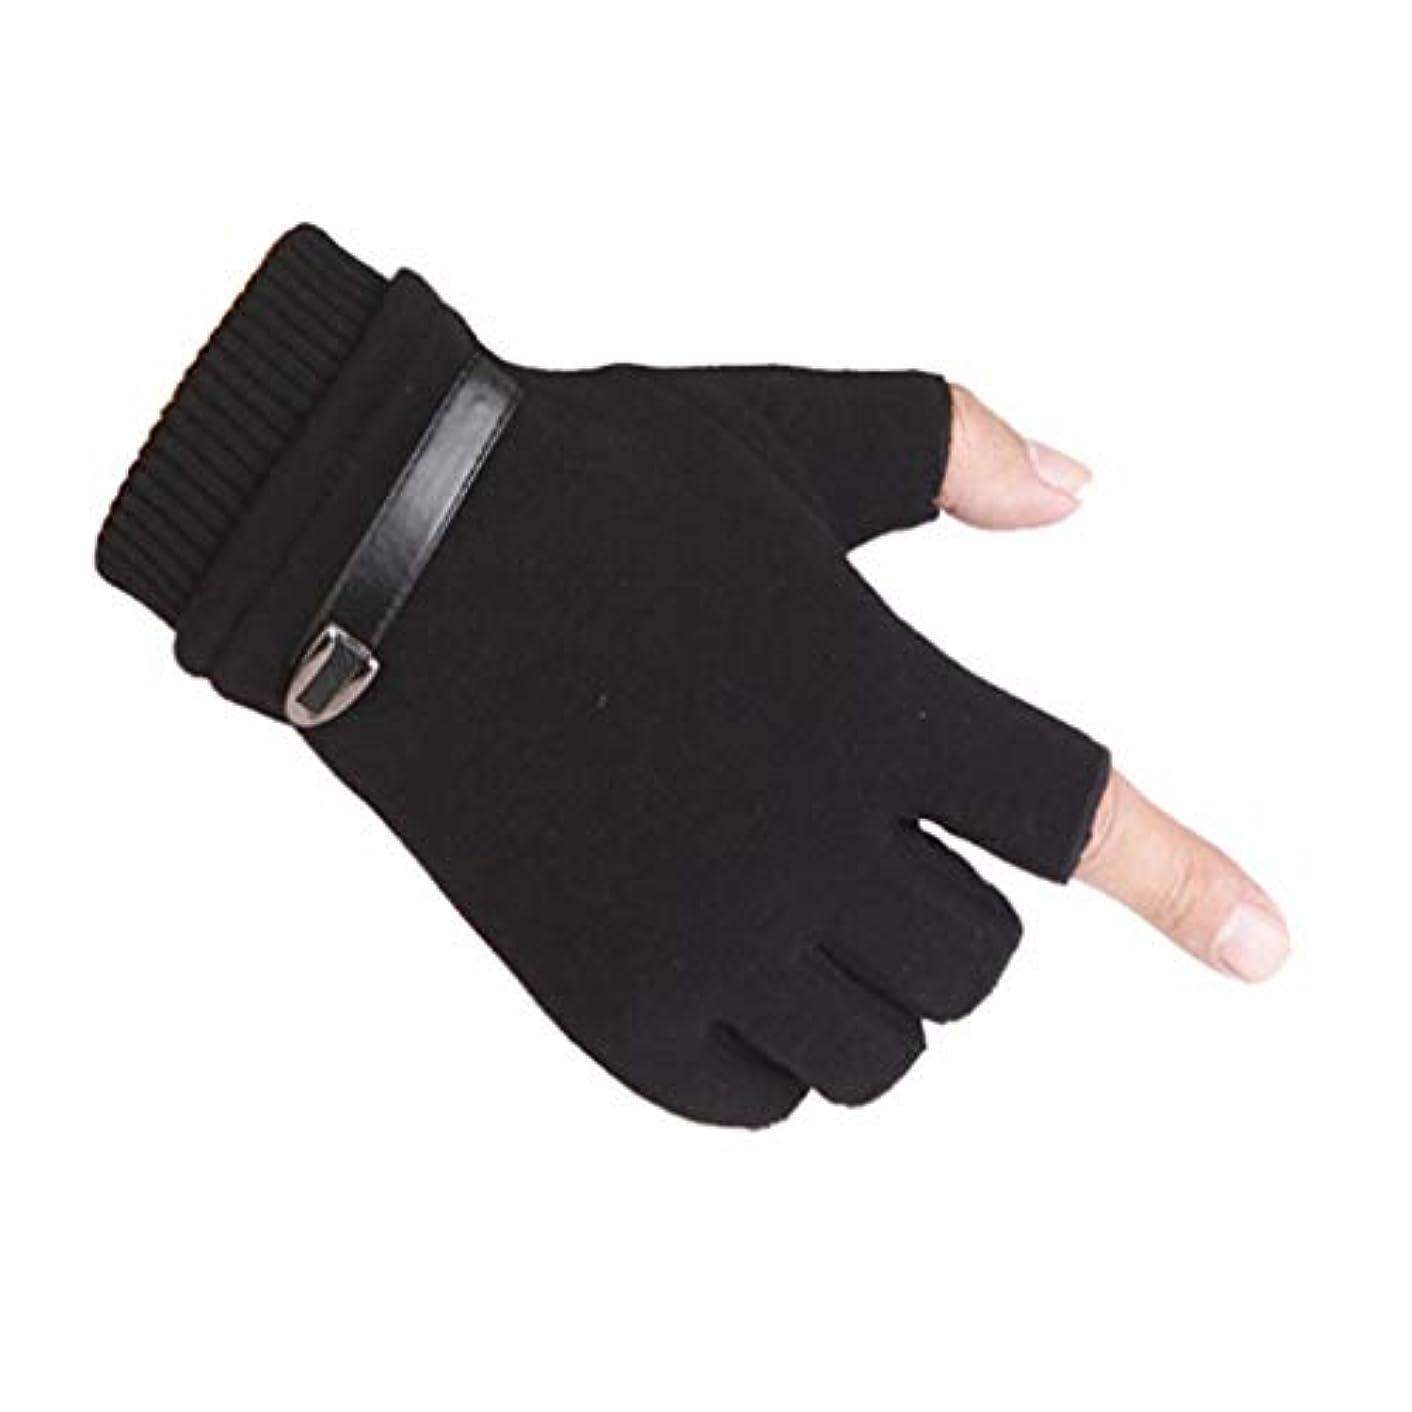 超越する変更本を読む秋と冬プラスベルベット肥厚ハーフフィンガー手袋男性と女性ベルベット生徒は指を離してカップルの手袋黒の男性モデルに乗ってコンピュータタイピングを書くことではない